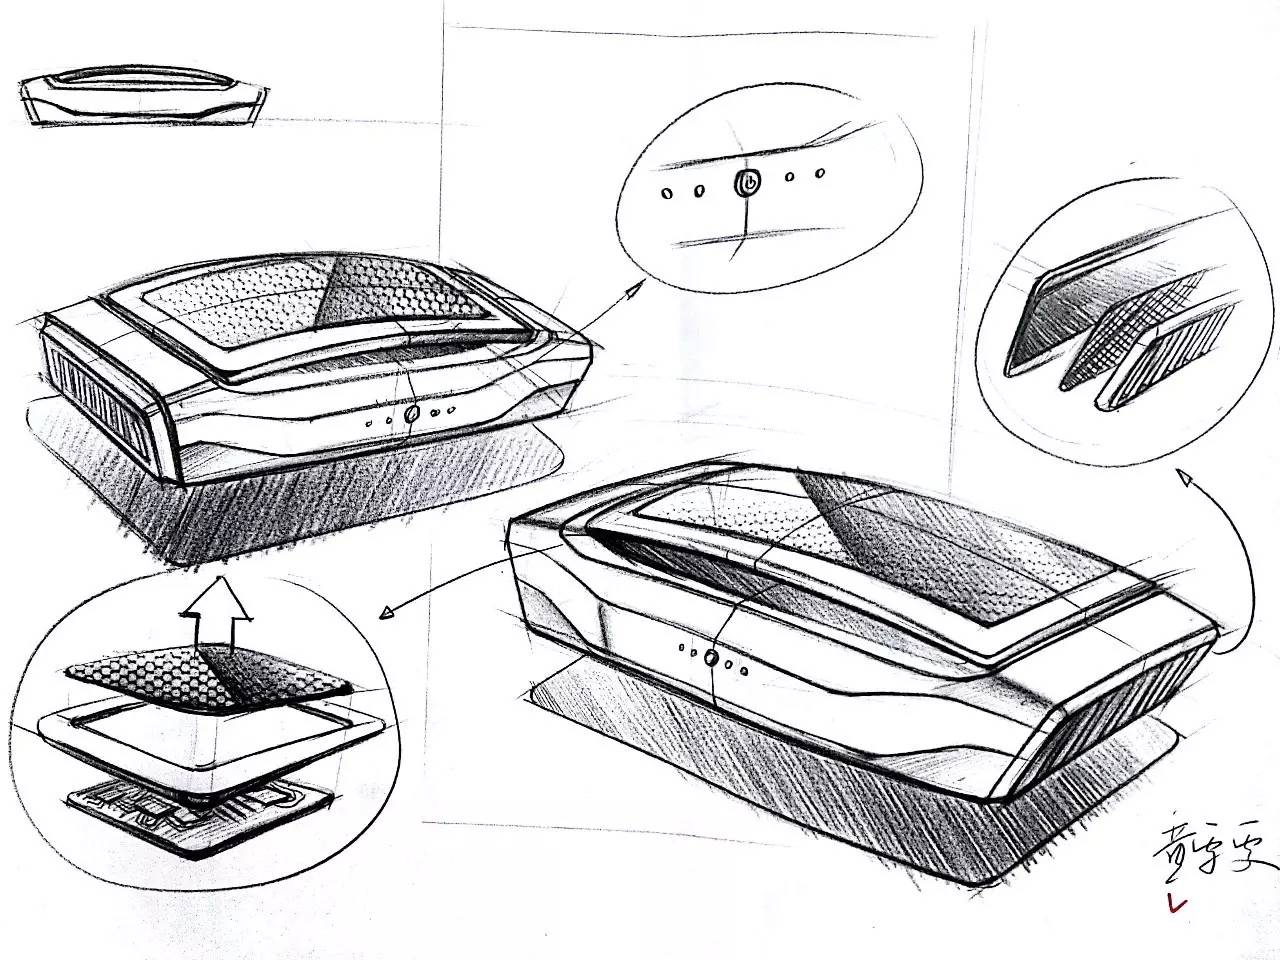 工业设计手绘 | 如何更好的表达一个产品?